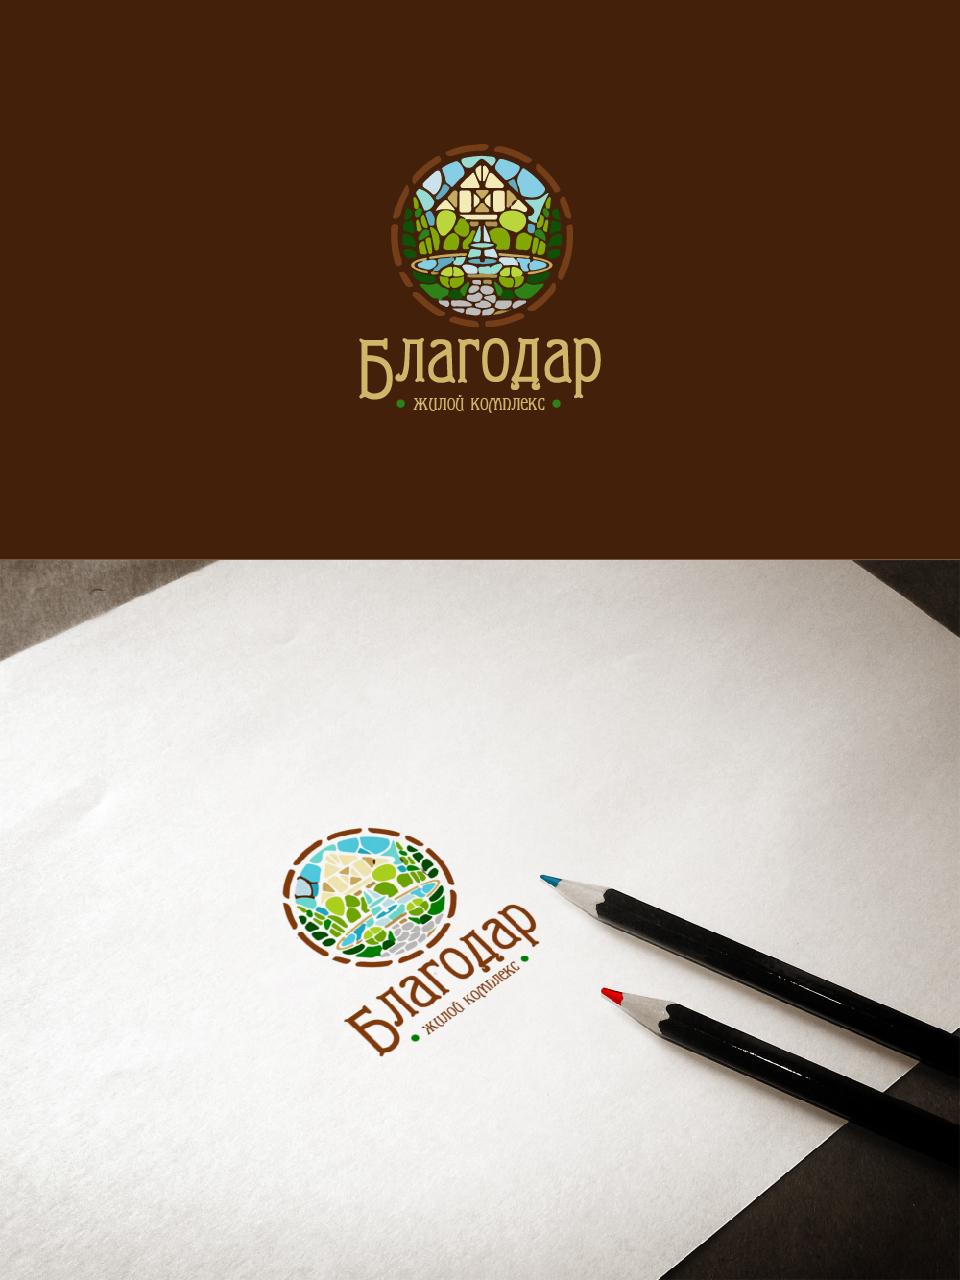 Разработка логотипа и фирменный стиль фото f_643596f446285e85.jpg